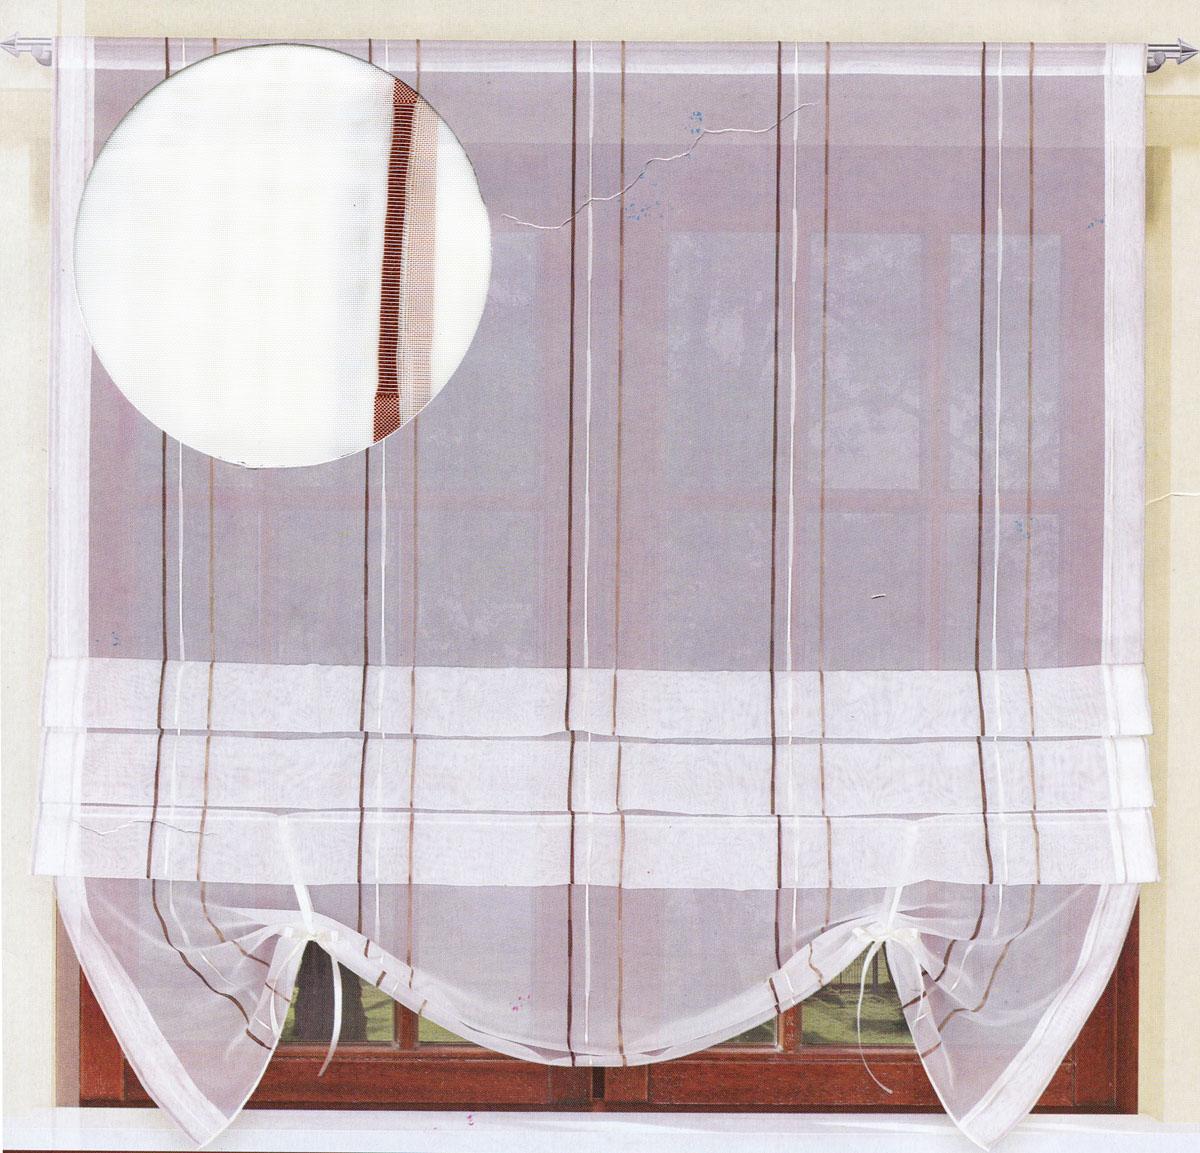 Гардина Haft, на ленте, цвет: молочный, высота 160 см. 200990/160200990/160Гардина Haft, изготовленная из органзы (100% полиэстера), великолепно украсит любое окно. Воздушная ткань, принт в полоску и приятная, приглушенная гамма привлекут к себе внимание и органично впишутся в интерьер помещения. Полиэстер - вид ткани, состоящий из полиэфирных волокон. Ткани из полиэстера - легкие, прочные и износостойкие. Такие изделия не требуют специального ухода, не пылятся и почти не мнутся. Гардина крепится на карниз при помощи ленты, которая поможет красиво и равномерно задрапировать верх. Такая гардина идеально оформит интерьер любого помещения.